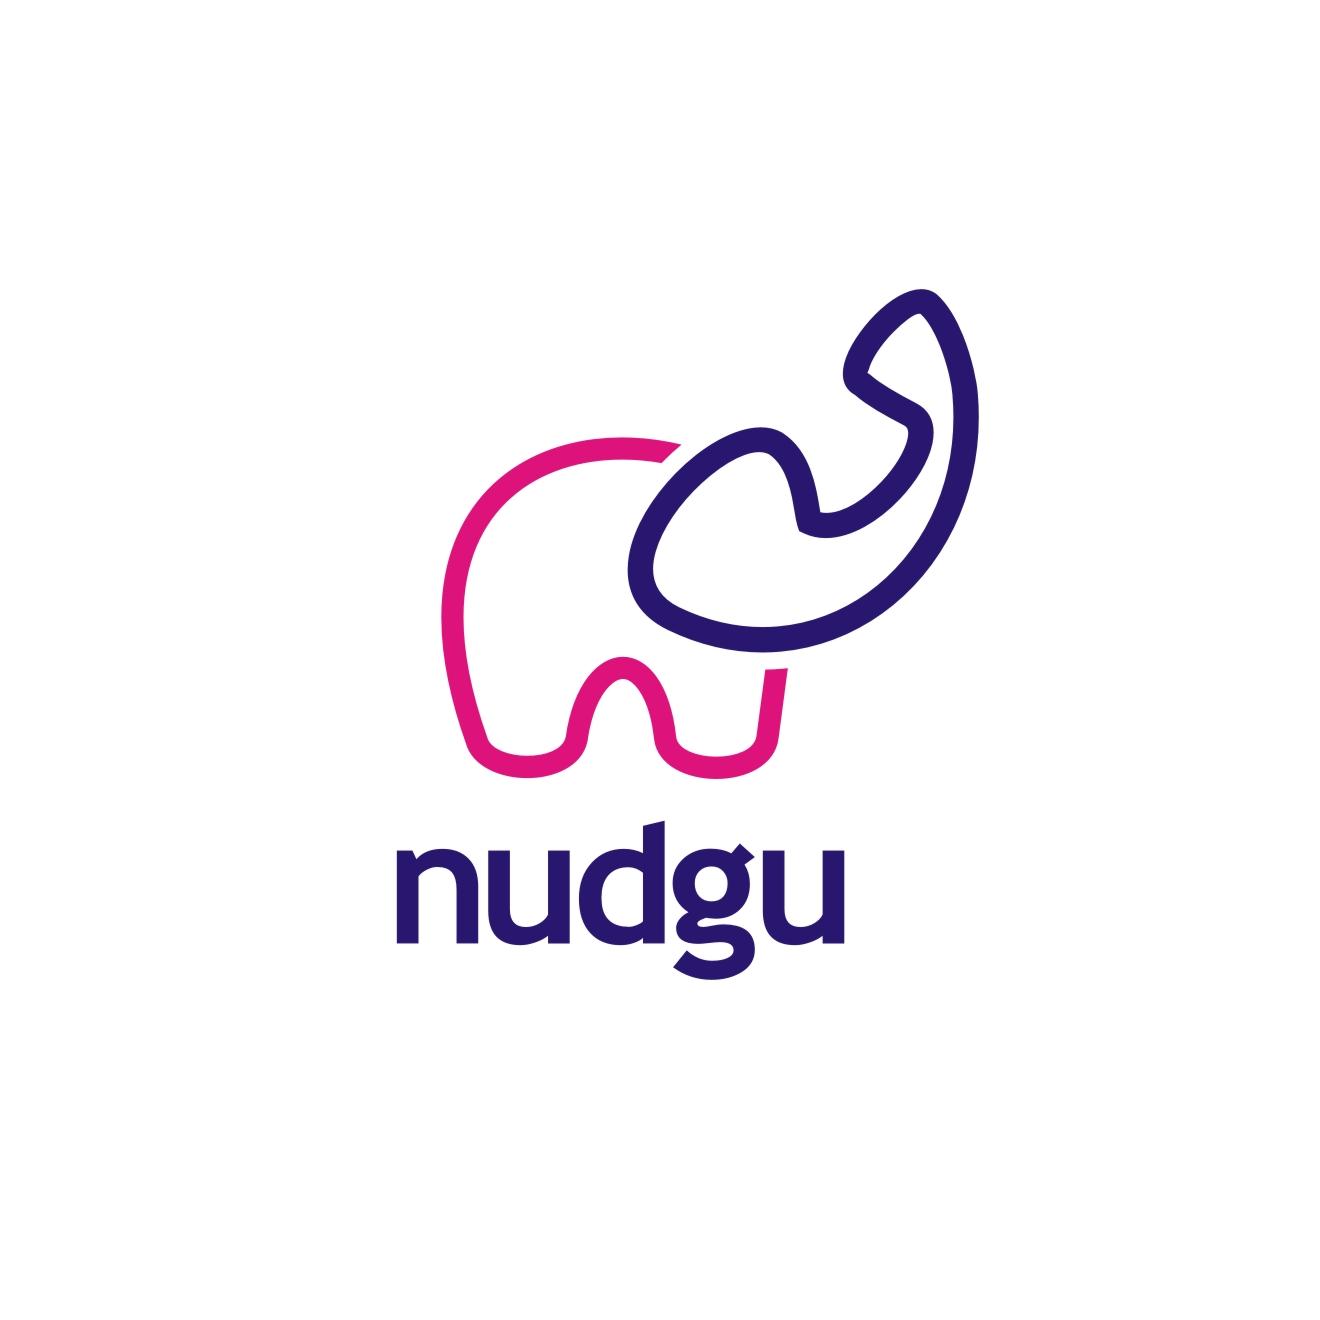 Nudgu